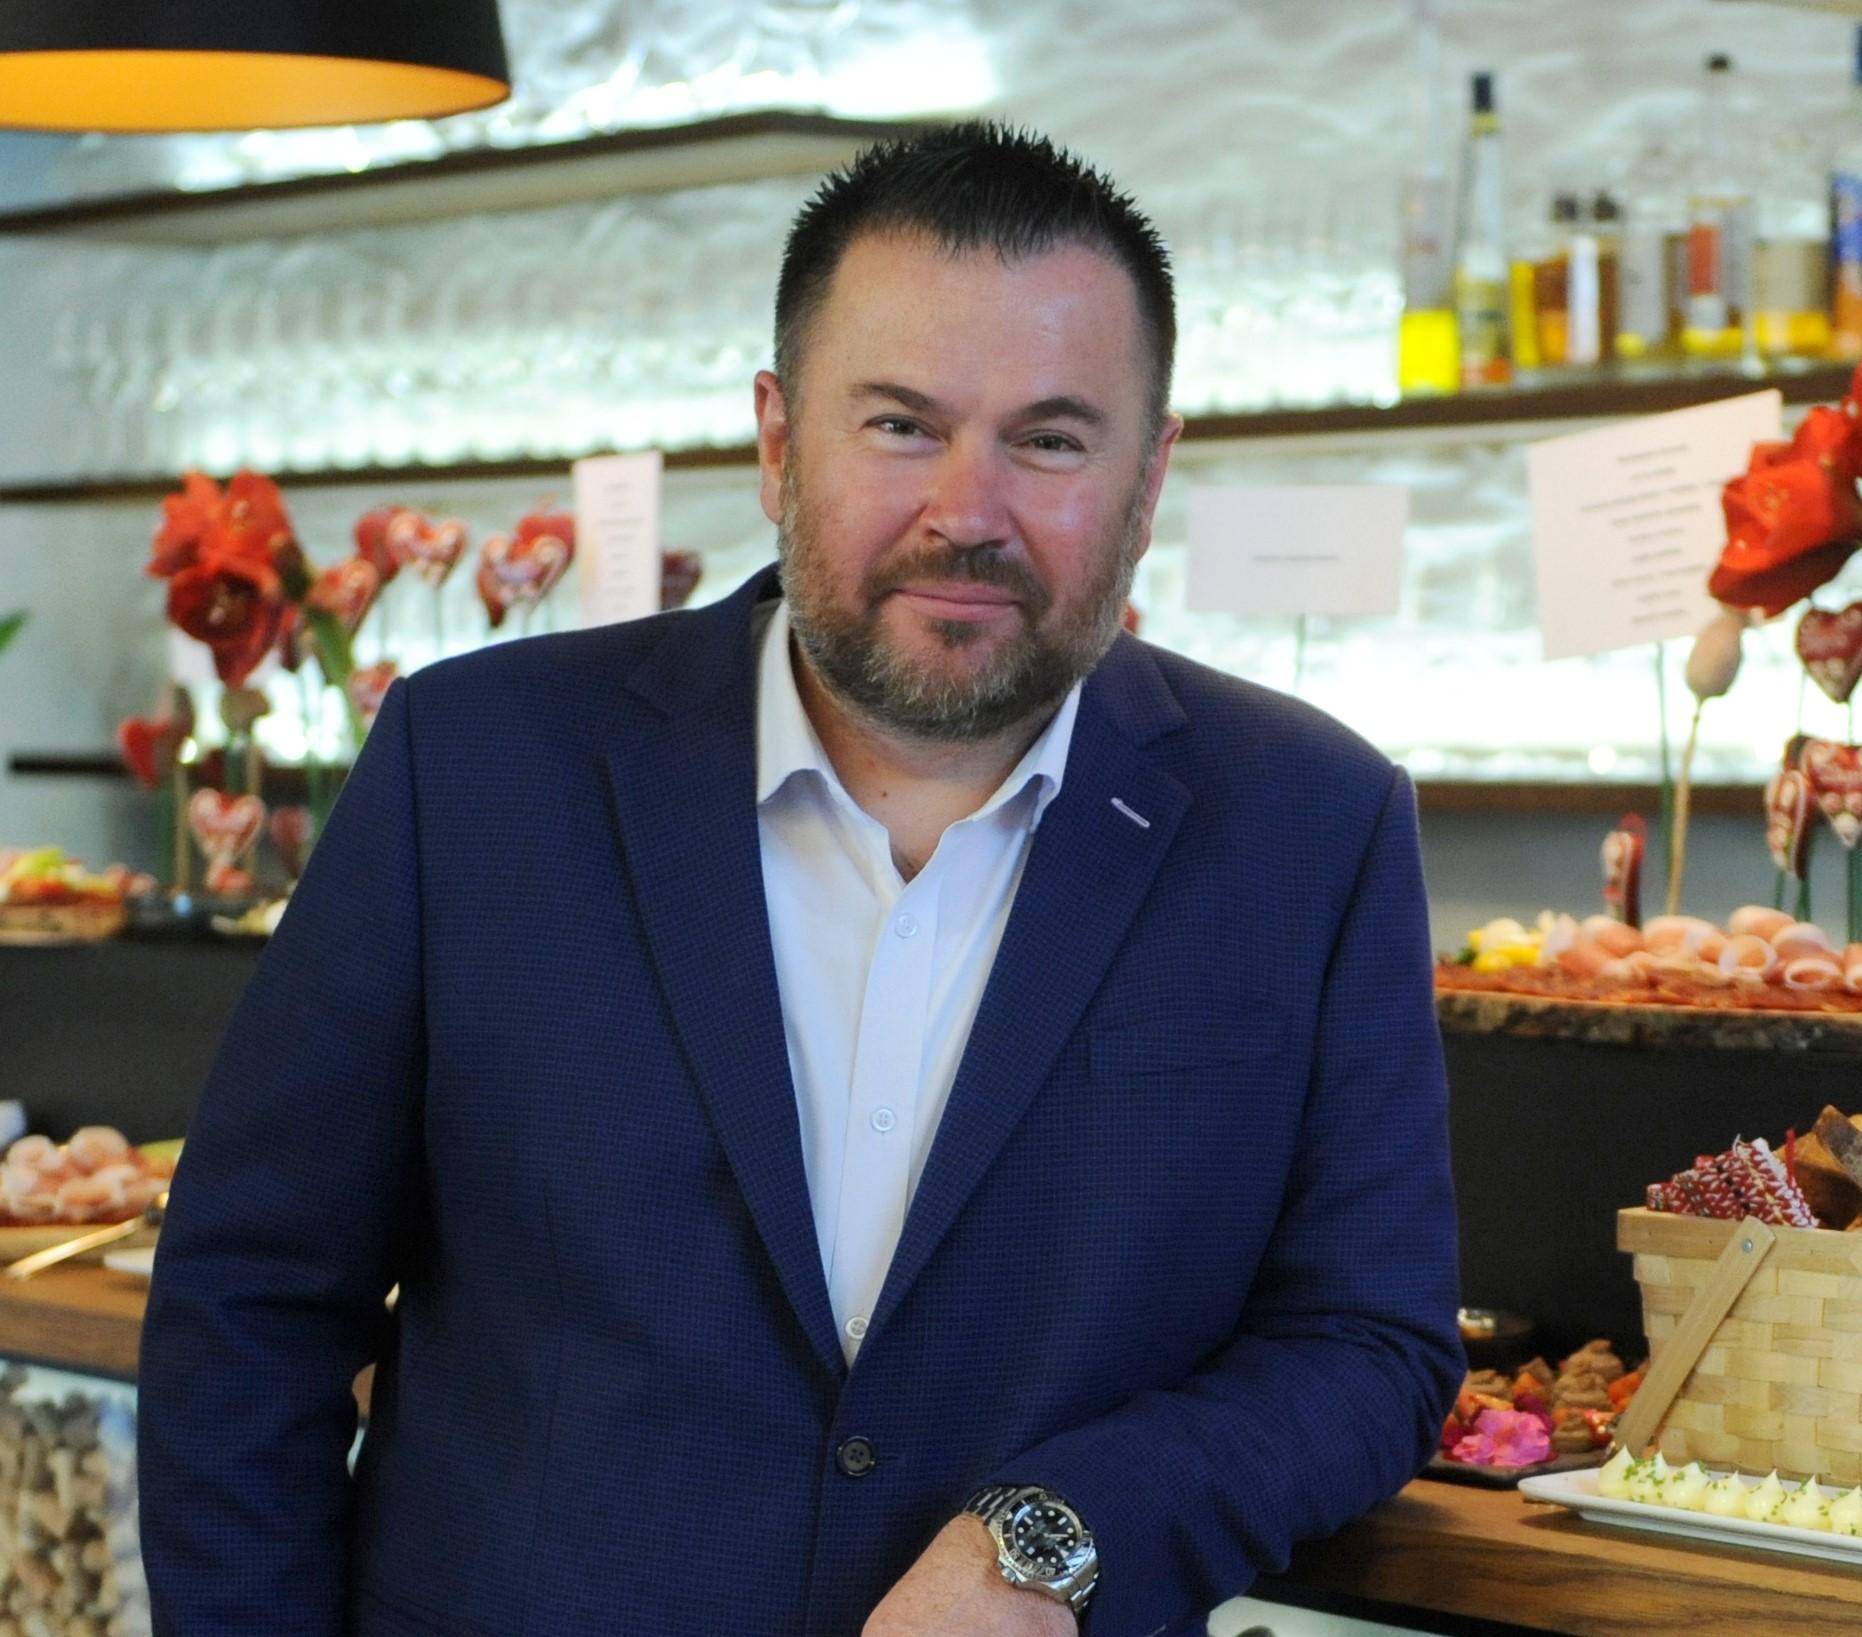 Imati restoran koji zaslužuje najviša međunarodna priznanja i verifikaciju znači imati želju i potrebu poslovati čitave godine - Rudolf Štefan / ARHIVA NL